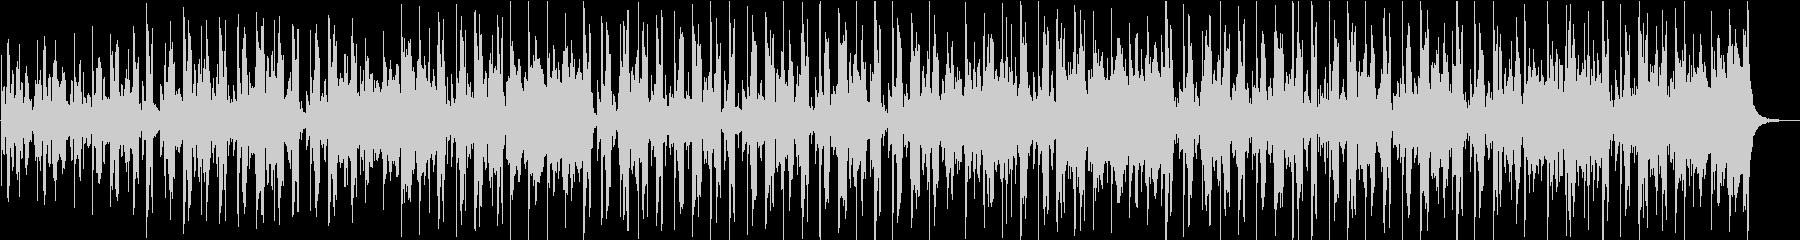 アンビエント 実験的な コーポレー...の未再生の波形